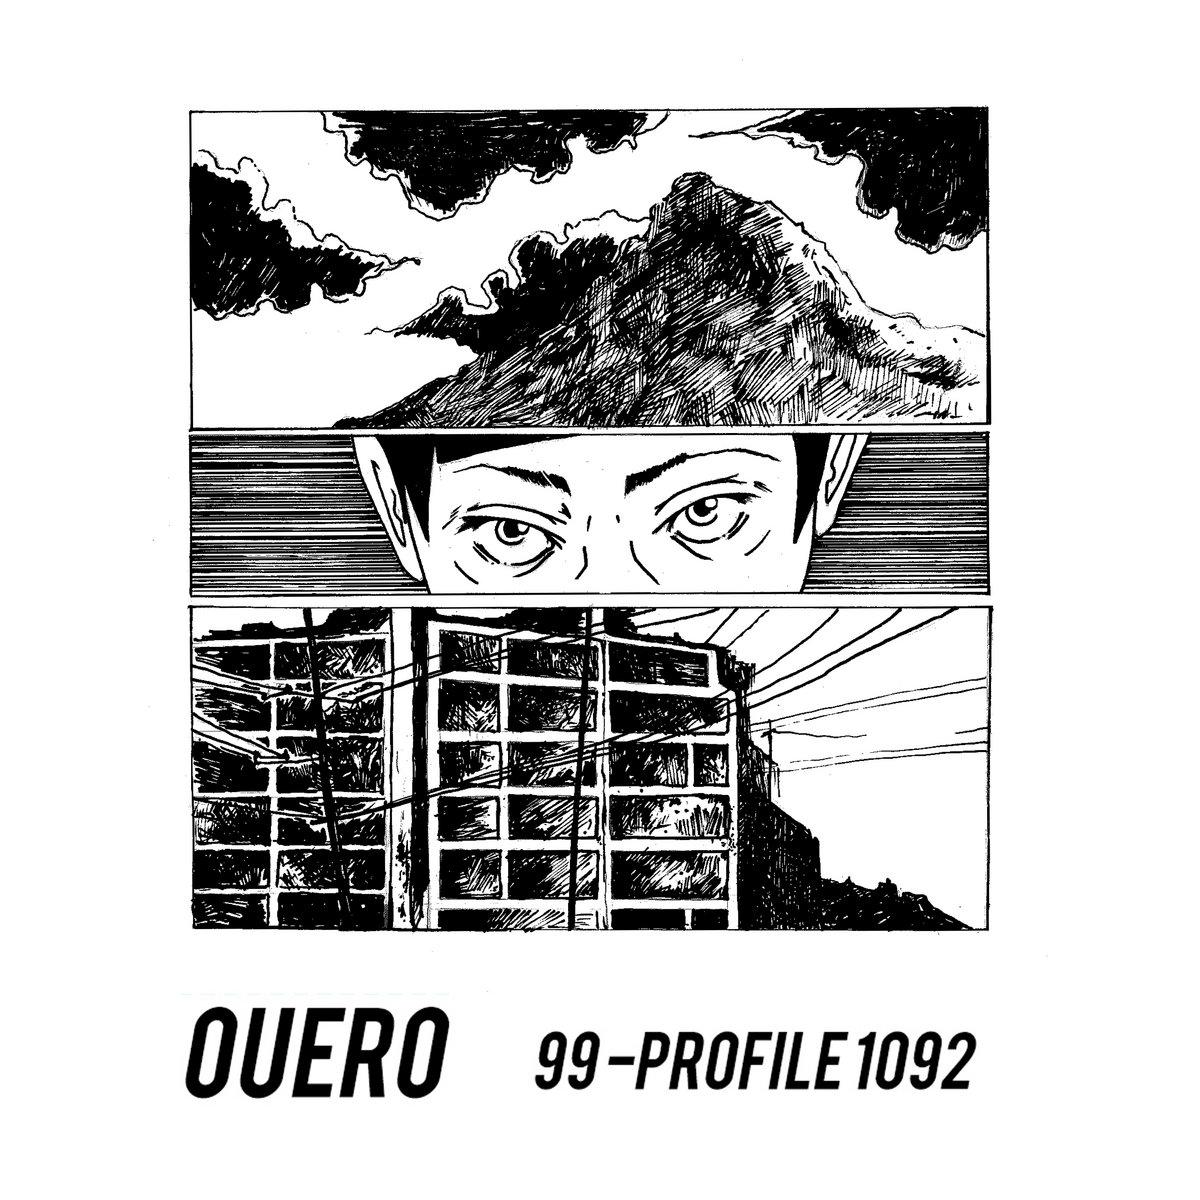 OUERO 99-Profile 1092